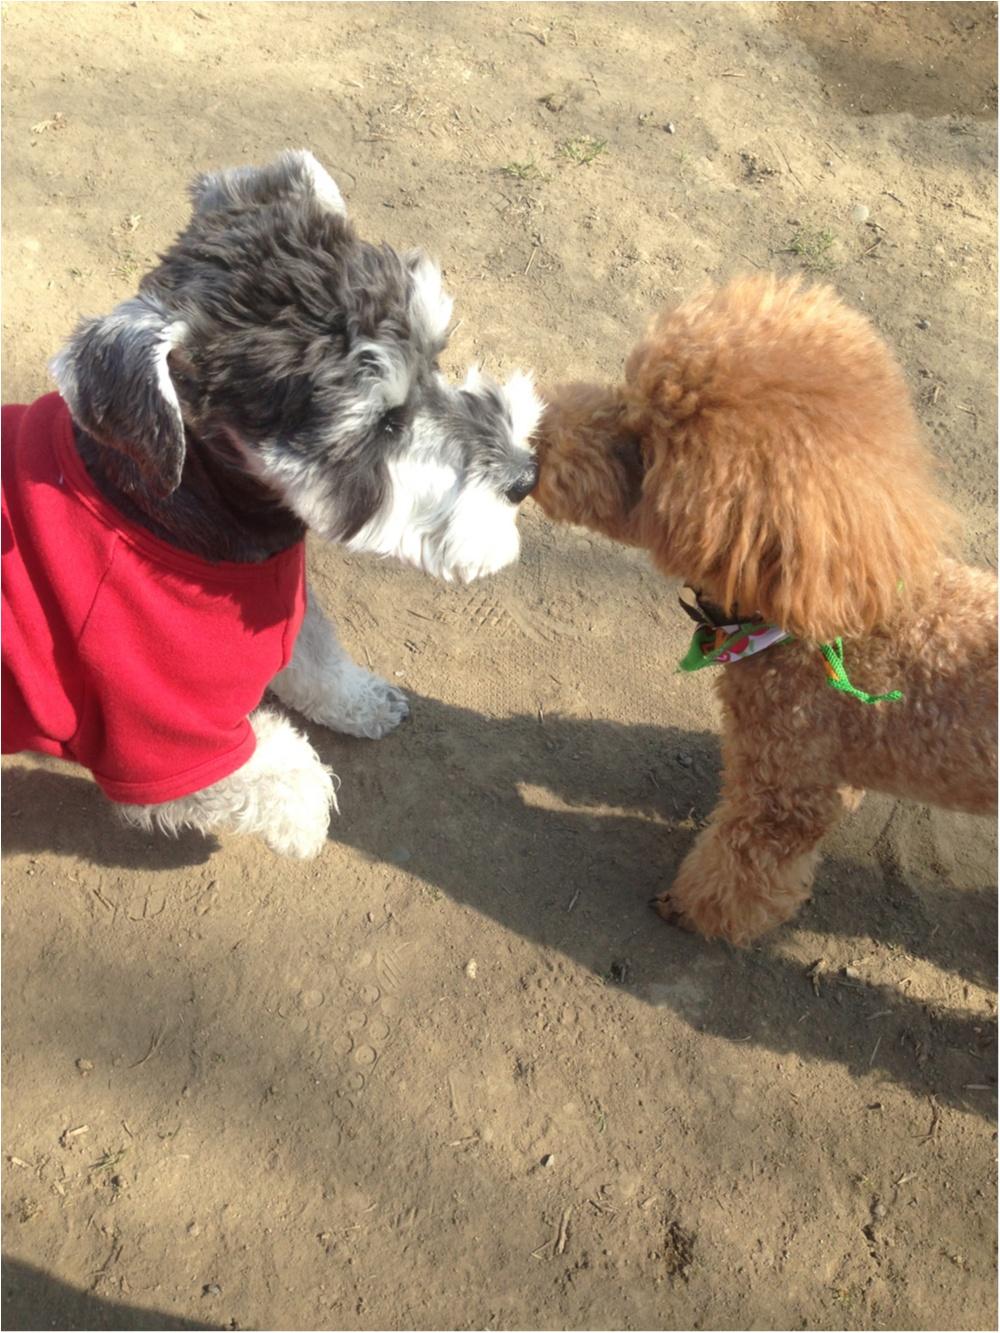 【今日のわんこ】仲良くしよう♡ サクラちゃんはお友達と鼻キッス!?_1